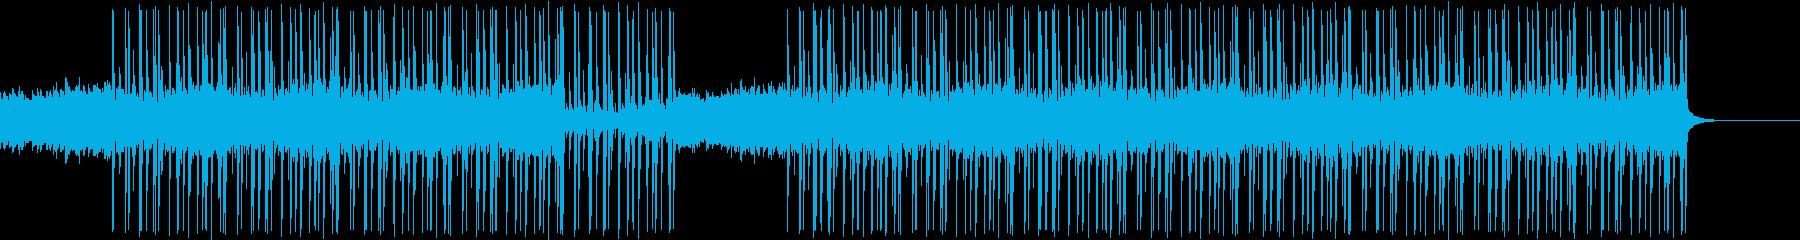 オリエンタルな弦楽曲、紹介・宣伝動画にの再生済みの波形